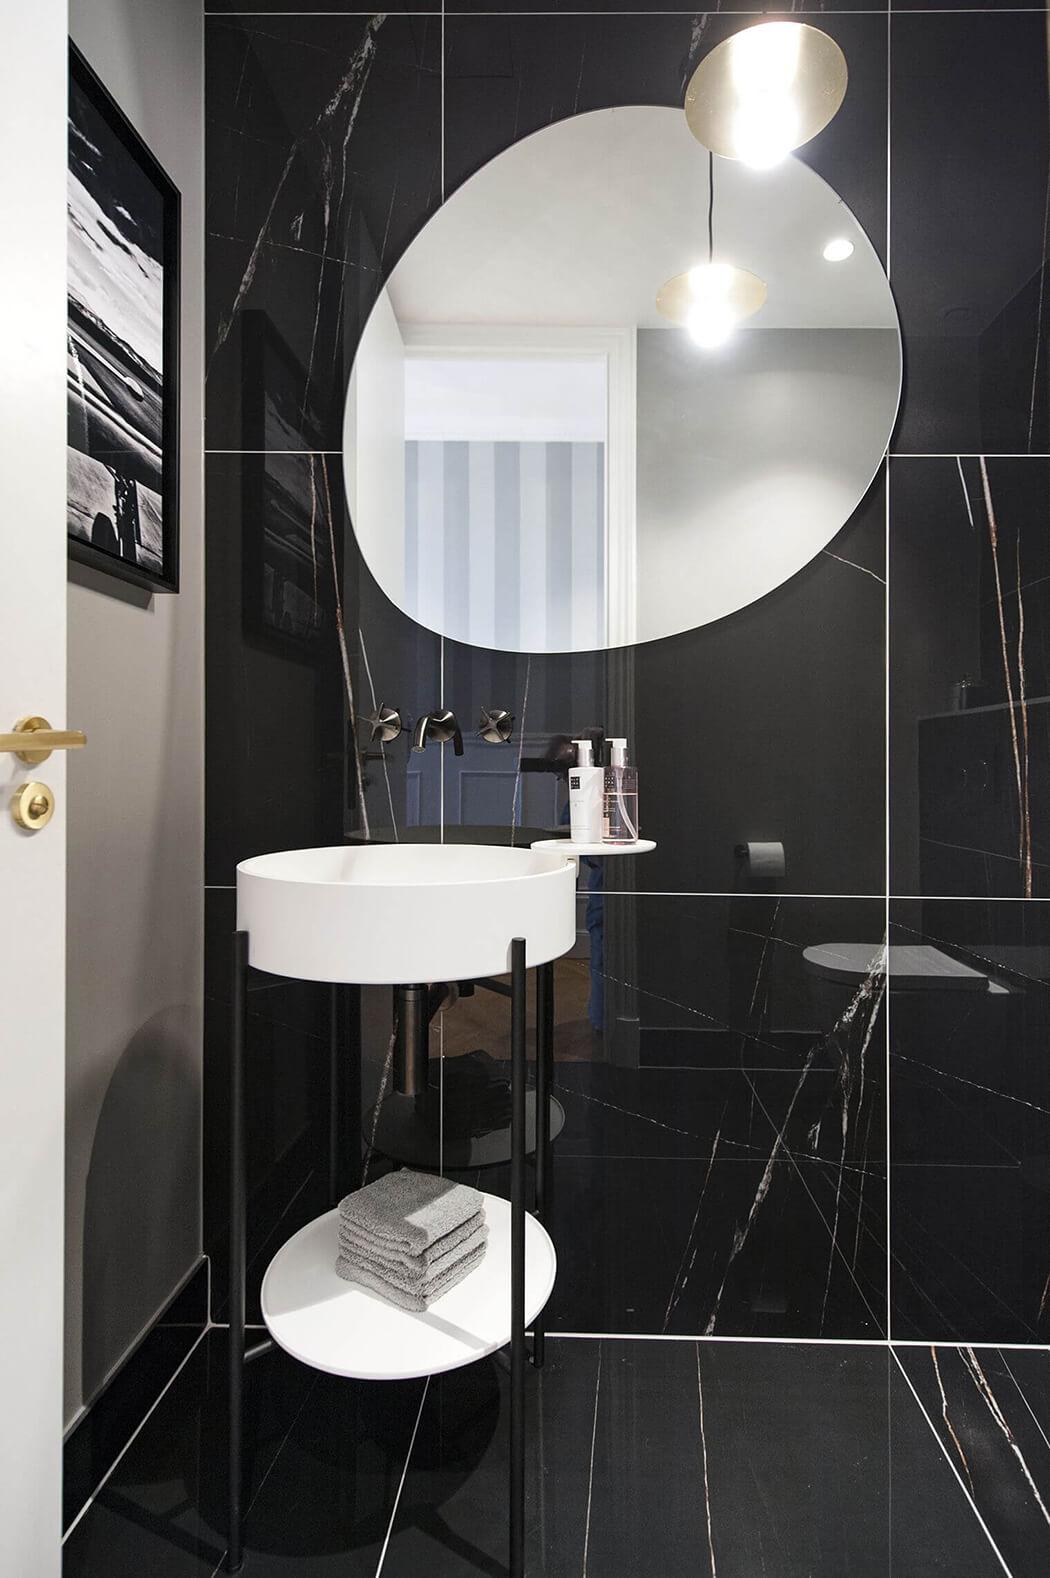 renovation haut de gamme de la salle de bain d'un appartement parisien